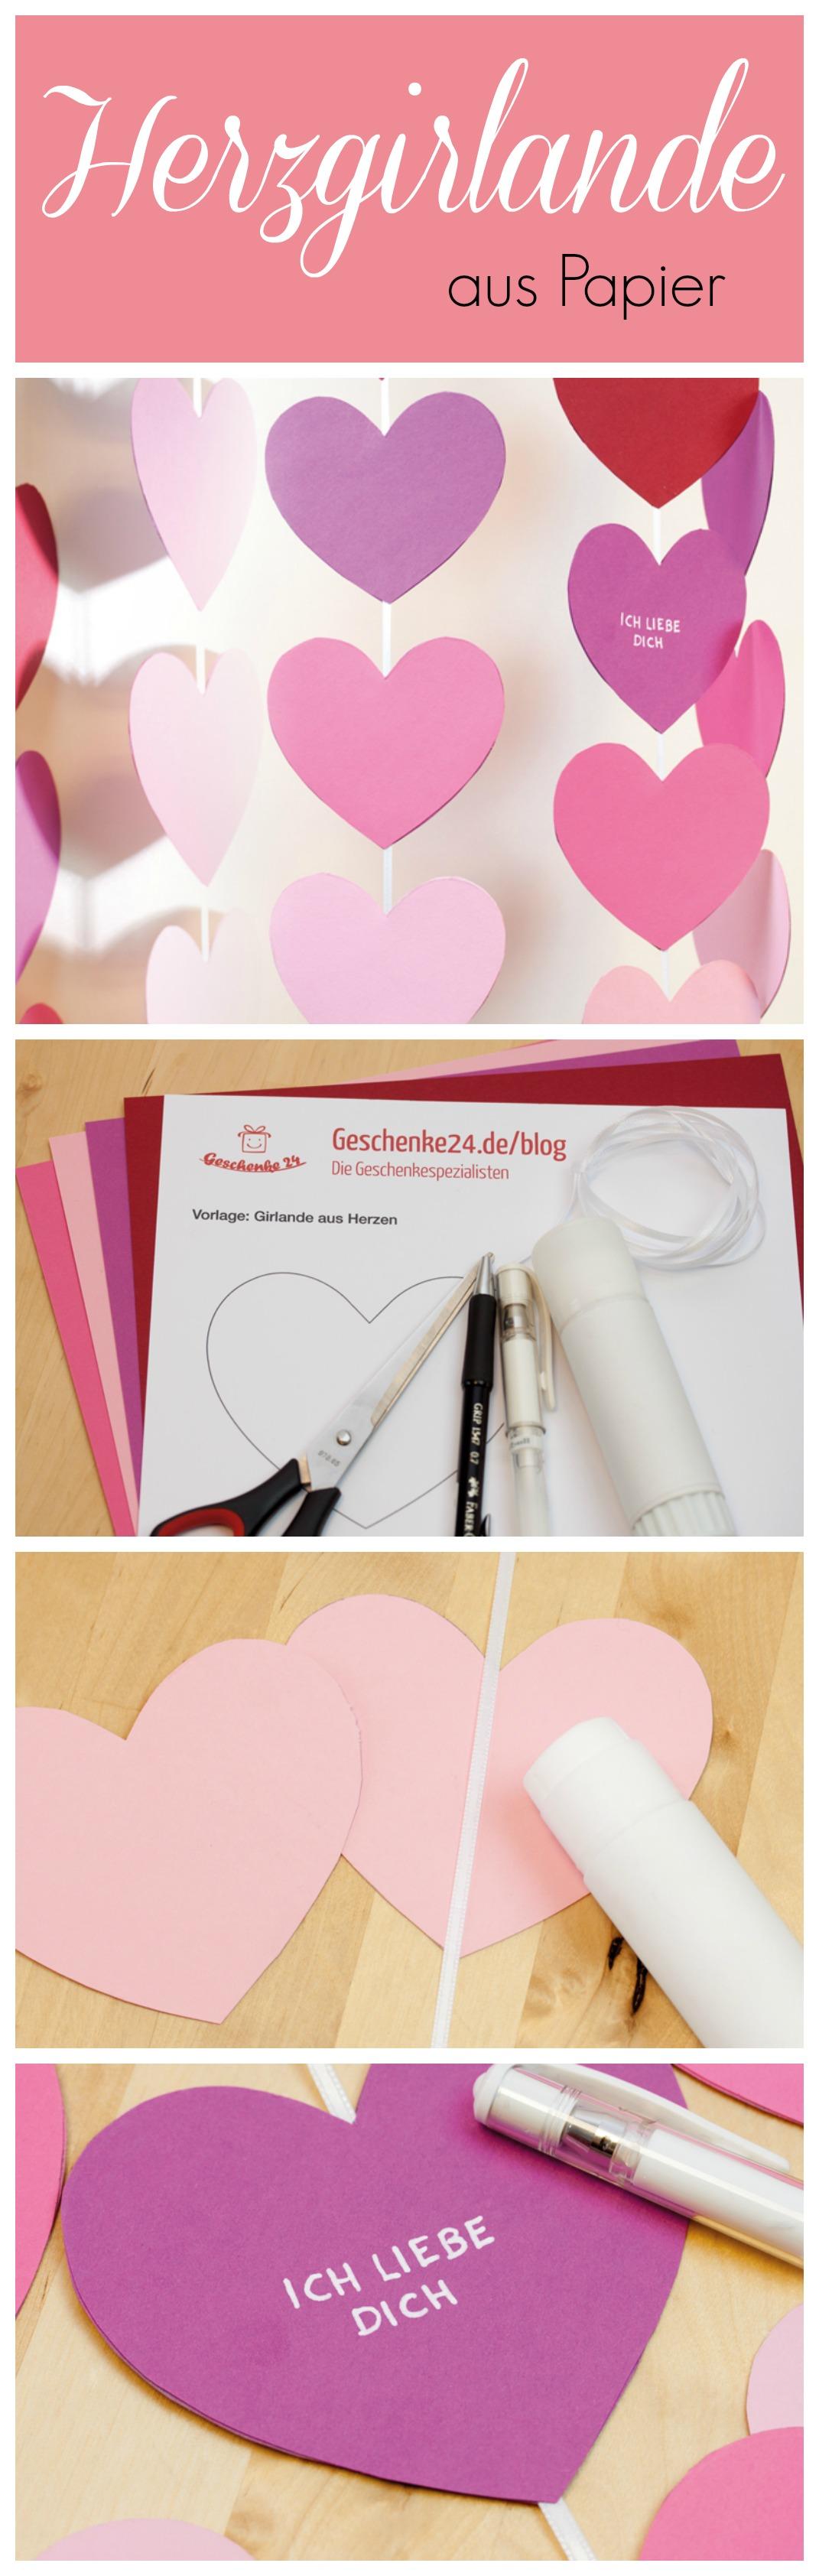 Herz Girlande für den Valentinstag basteln | Hochzeit | Pinterest ...